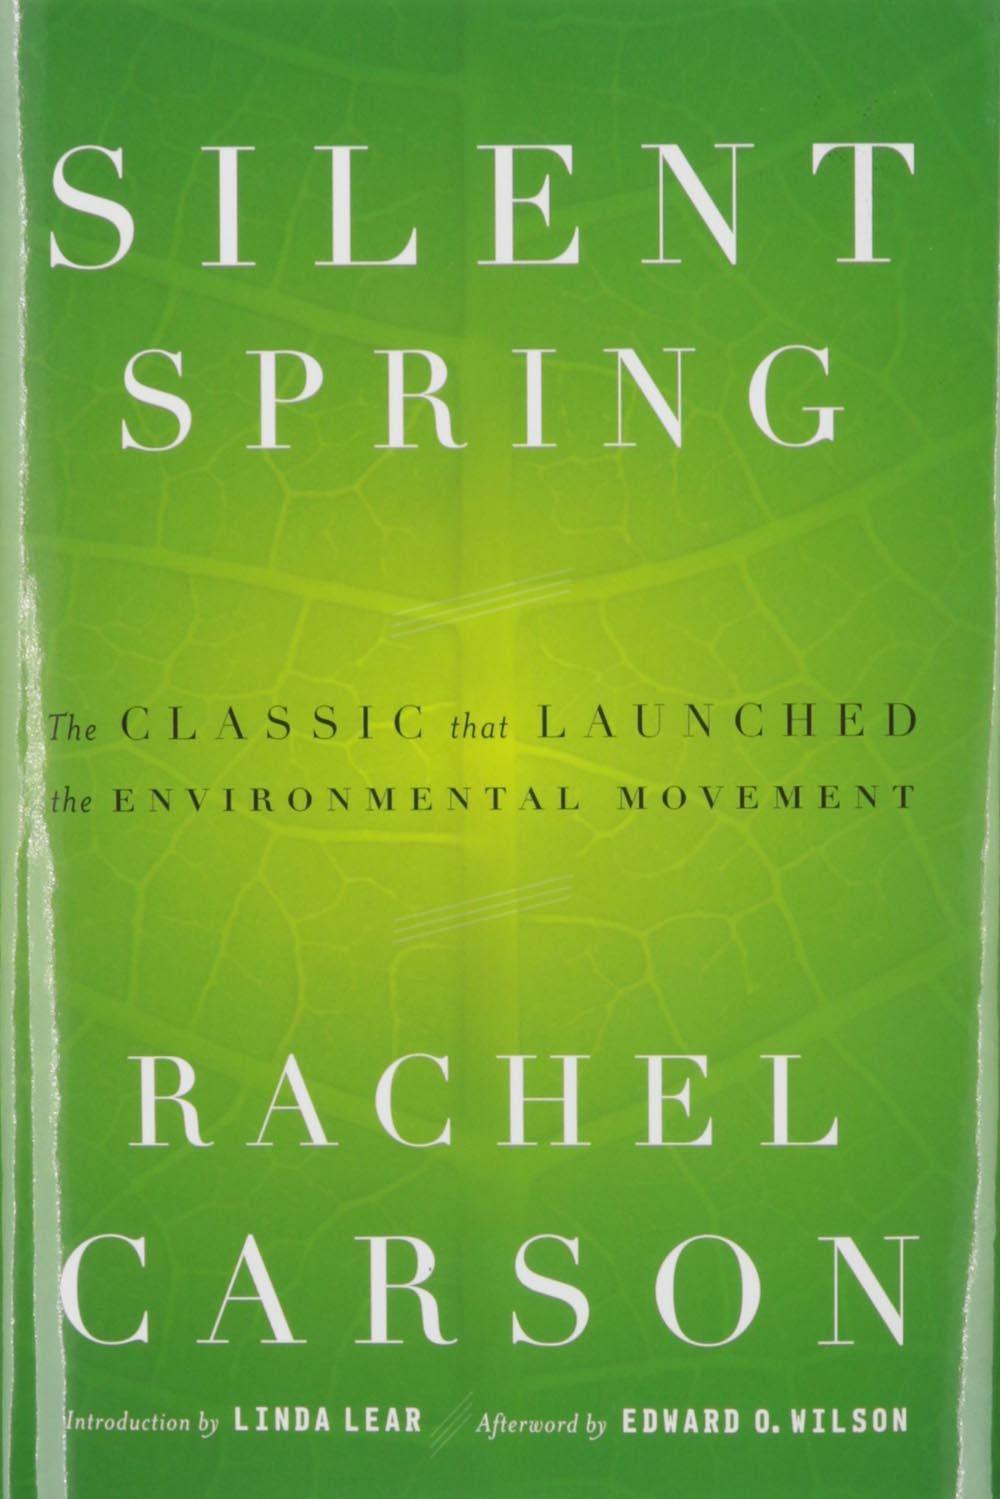 silent-spring-cb85a90ff034f6707b89a2e2186042aa.jpg